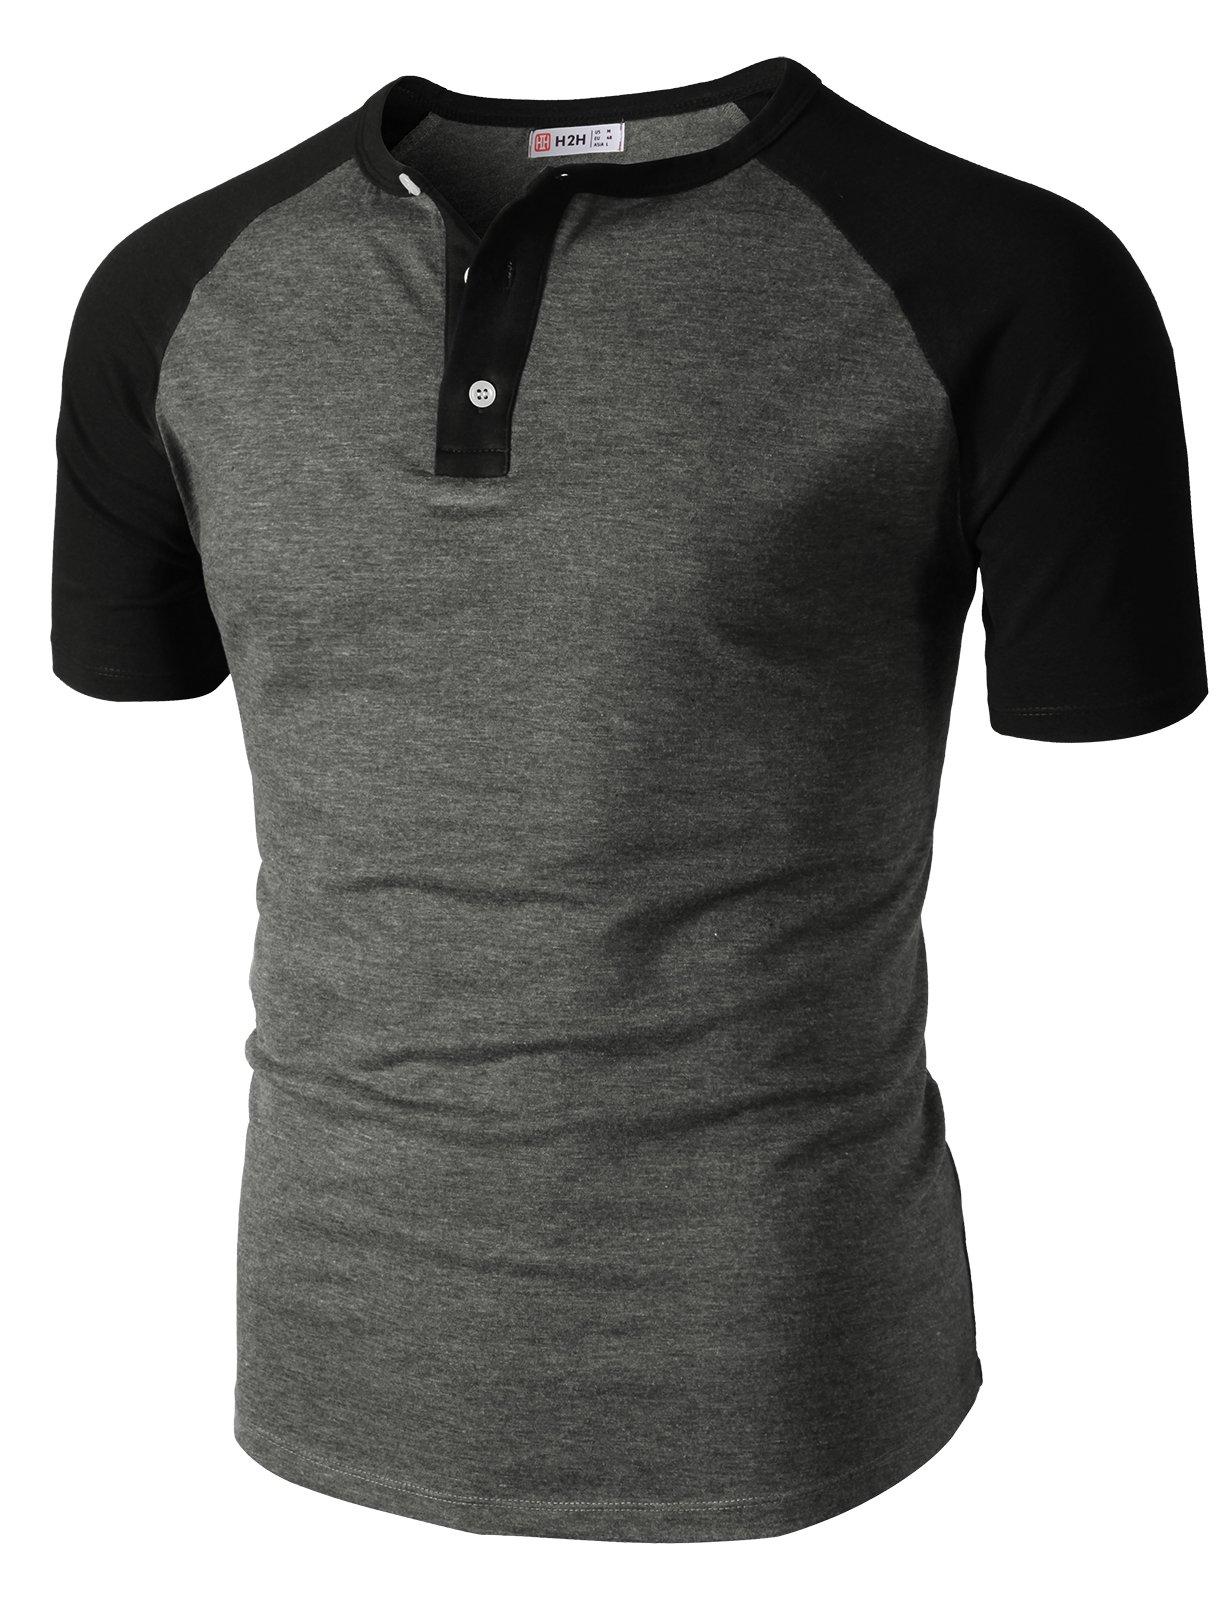 H2H Men's Big & Tall Heavyweight Short-Sleeve Henley Shirt HeatherGray US XL/Asia 2XL (CMTTS0222)